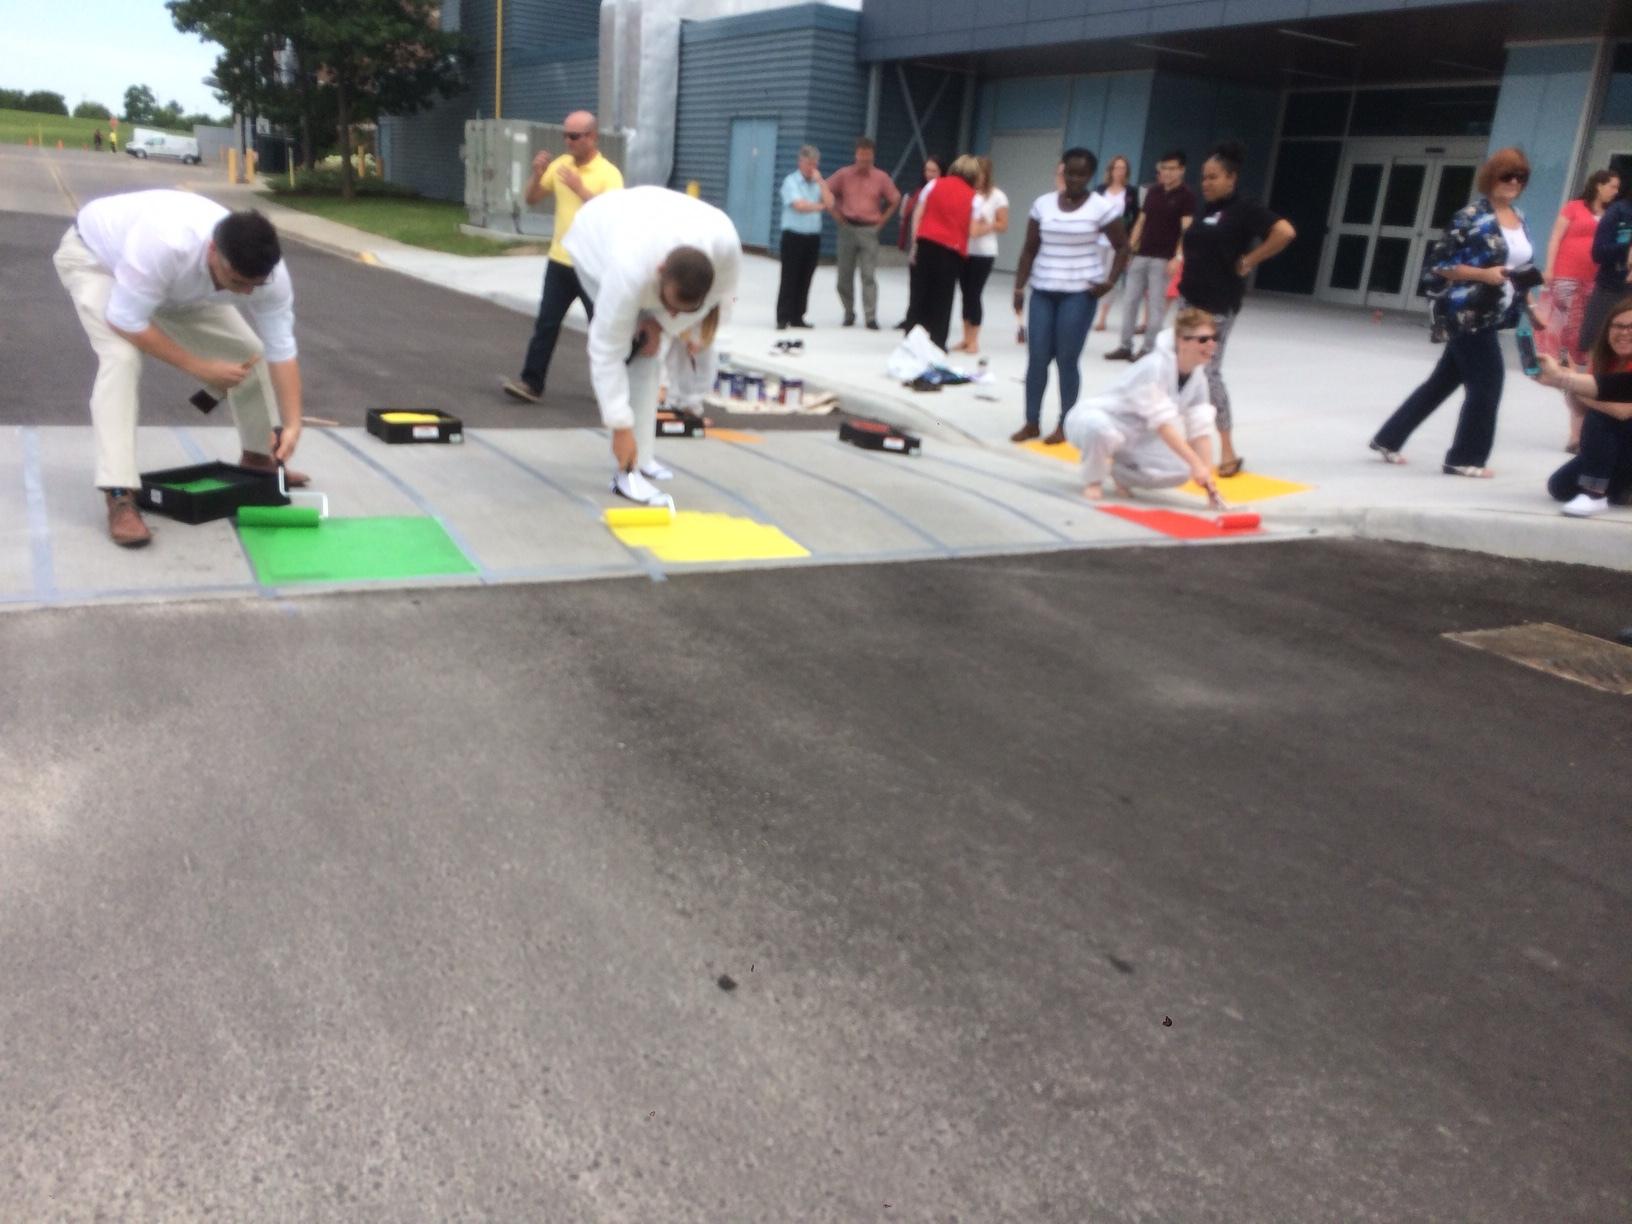 Fanshawe's pride crosswalk